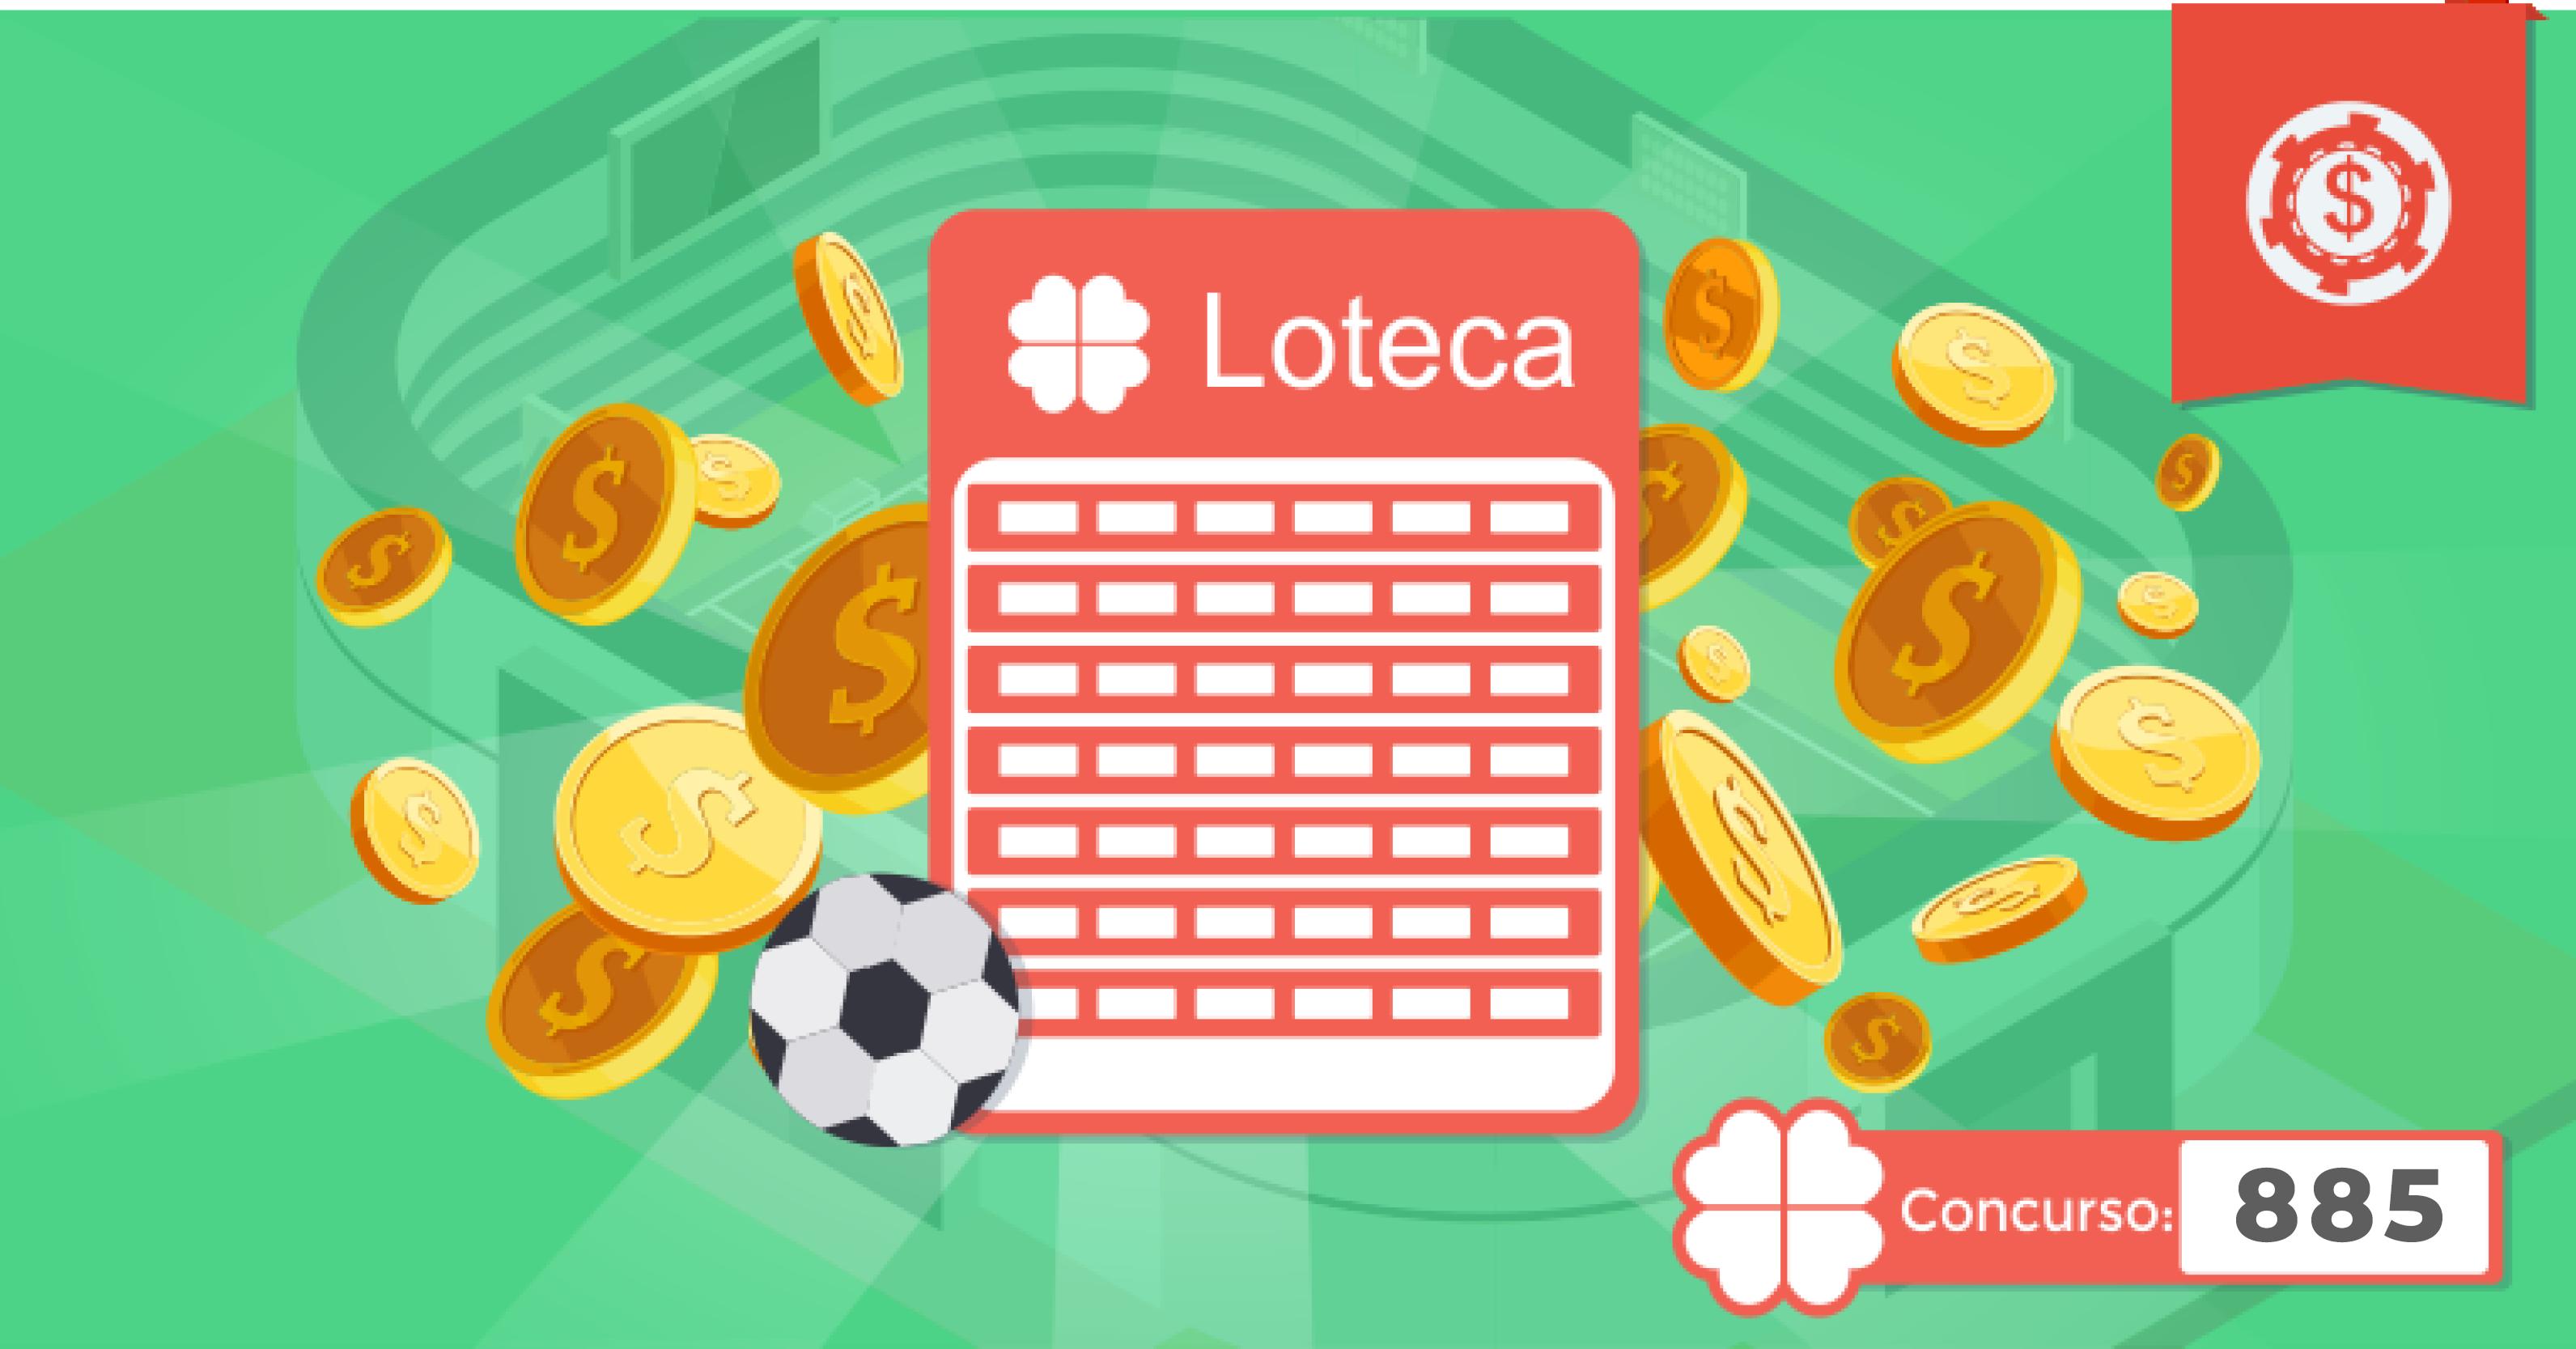 palpites-loteca-885-palpites-loteca-semana